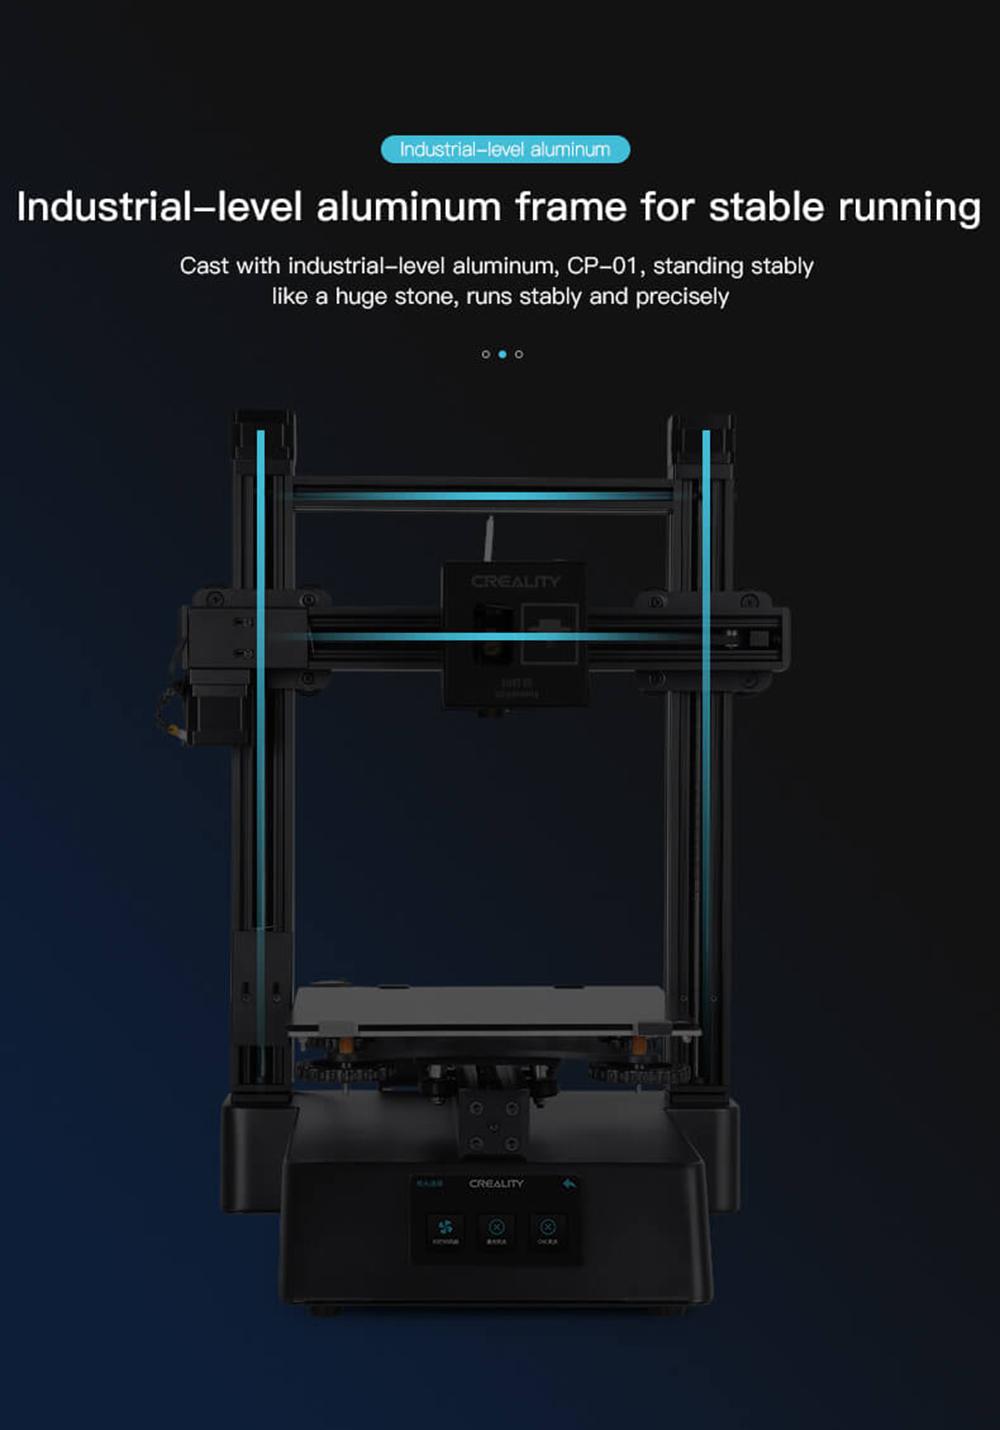 Creality3D CP-01 Multitool 3D-Drucker Bausatz - 200x200x200mm - Industrieller stabiler Aluminium Rahmen